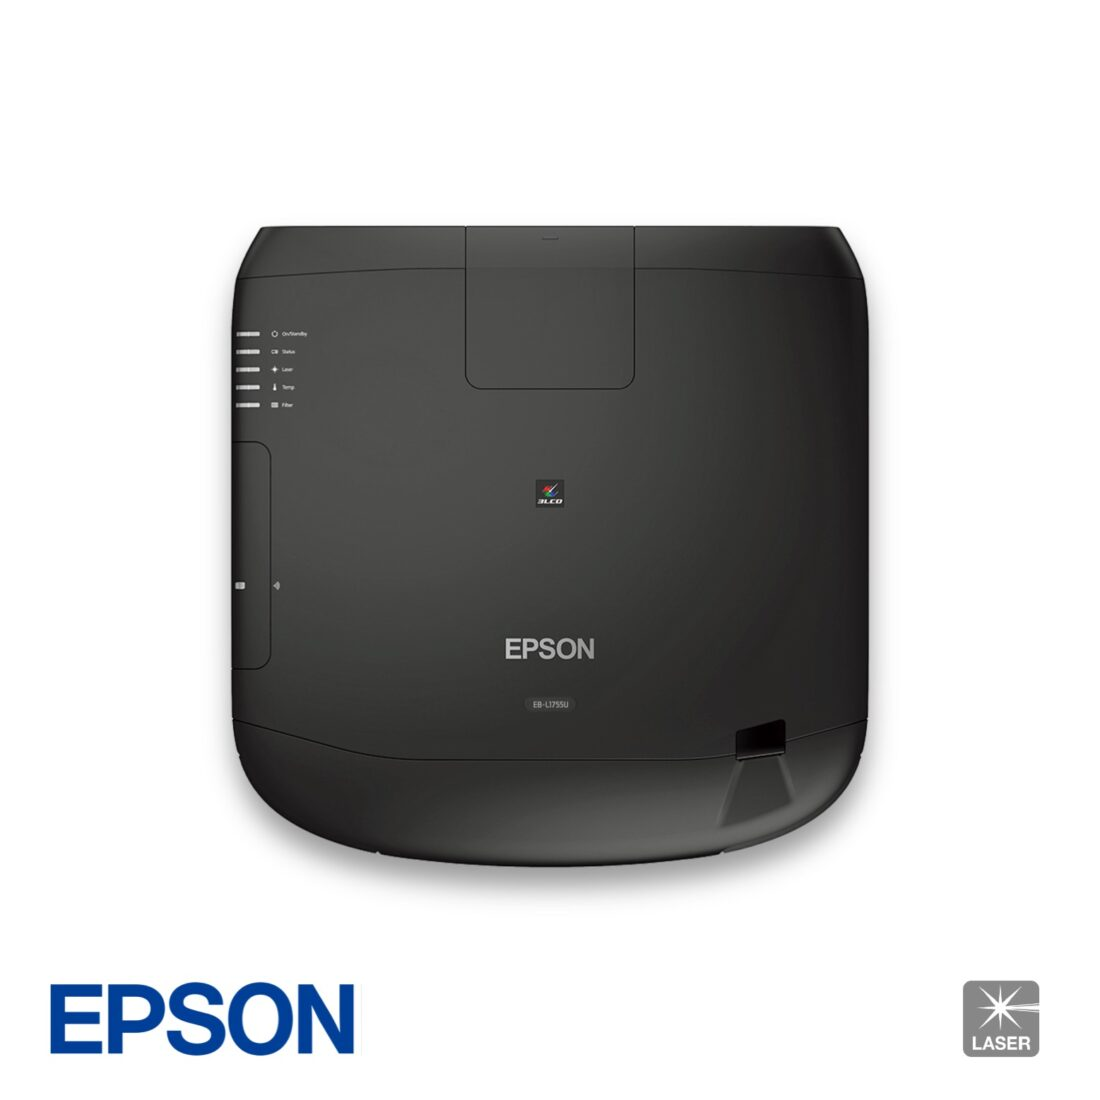 EB-L1495U top